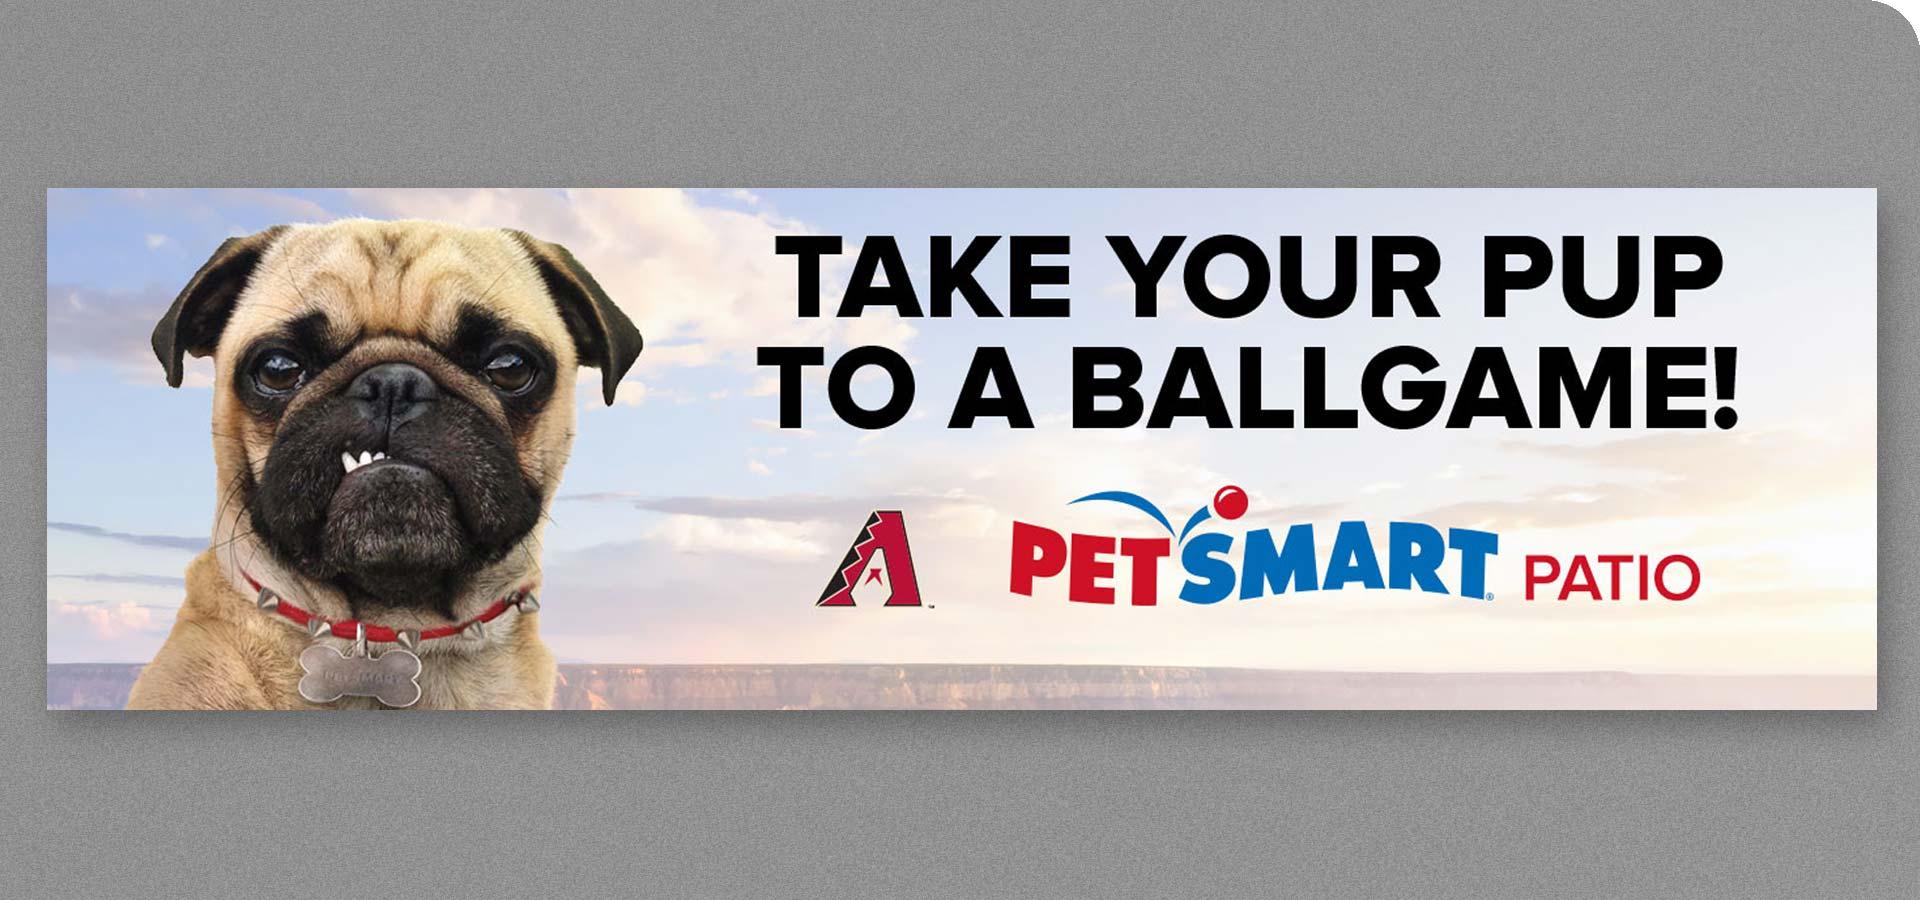 PetSmart Digital Billboard